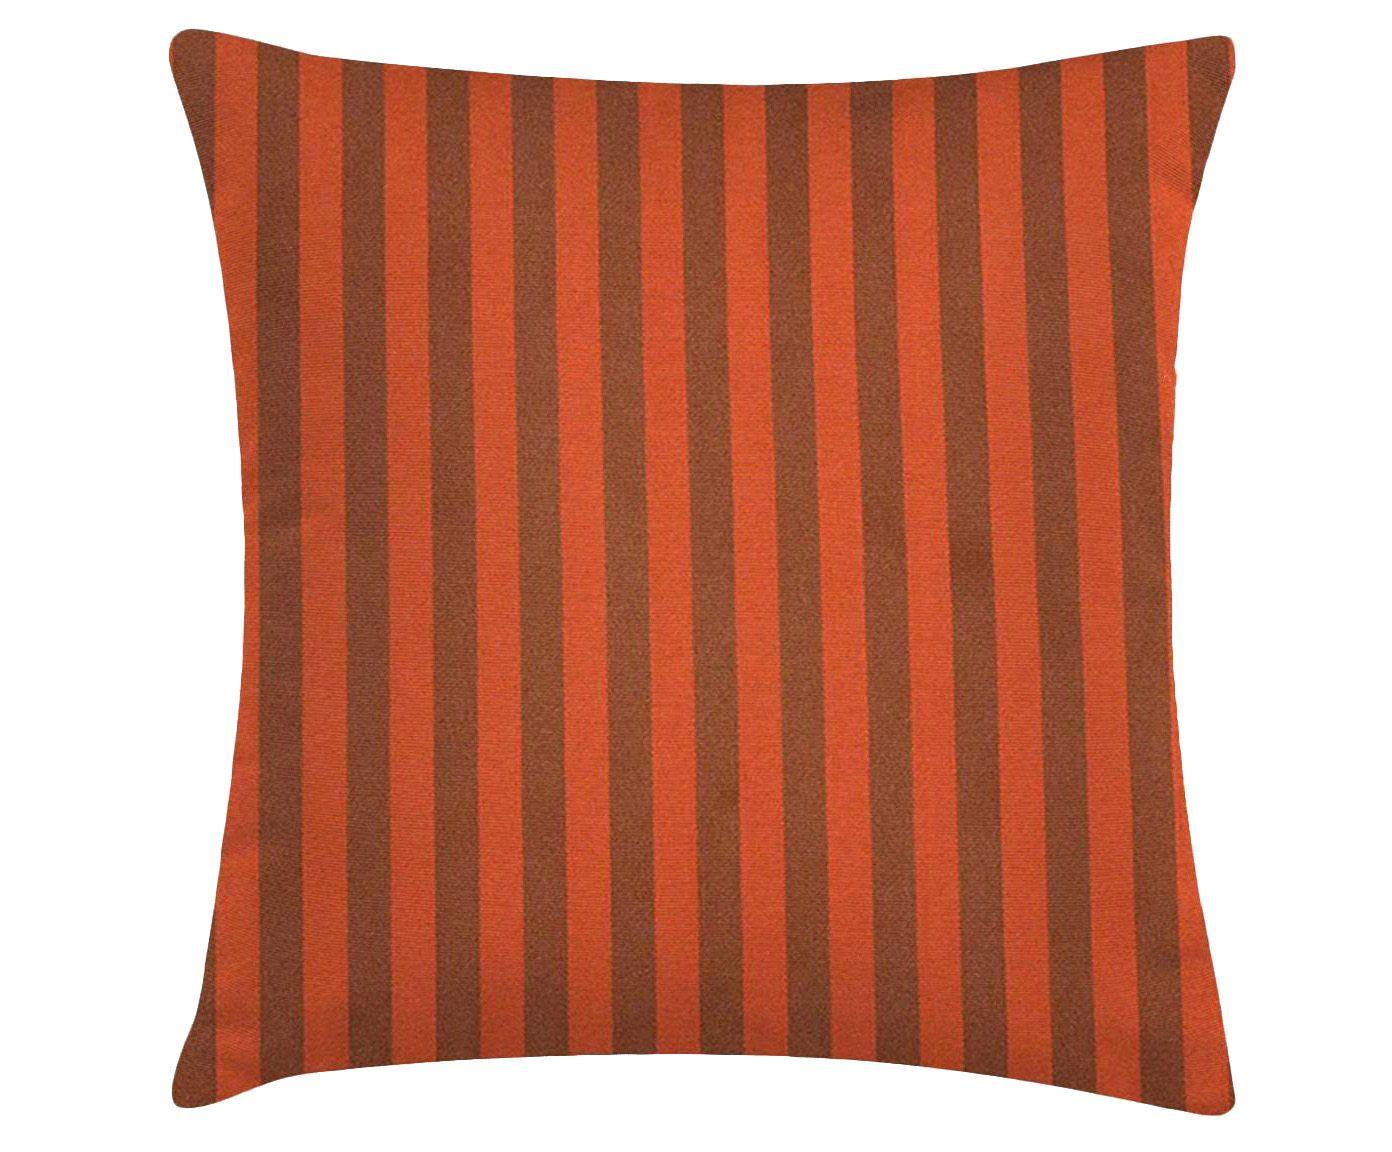 Capa para almofada palmas stripes ritz - 45x45cm   Westwing.com.br